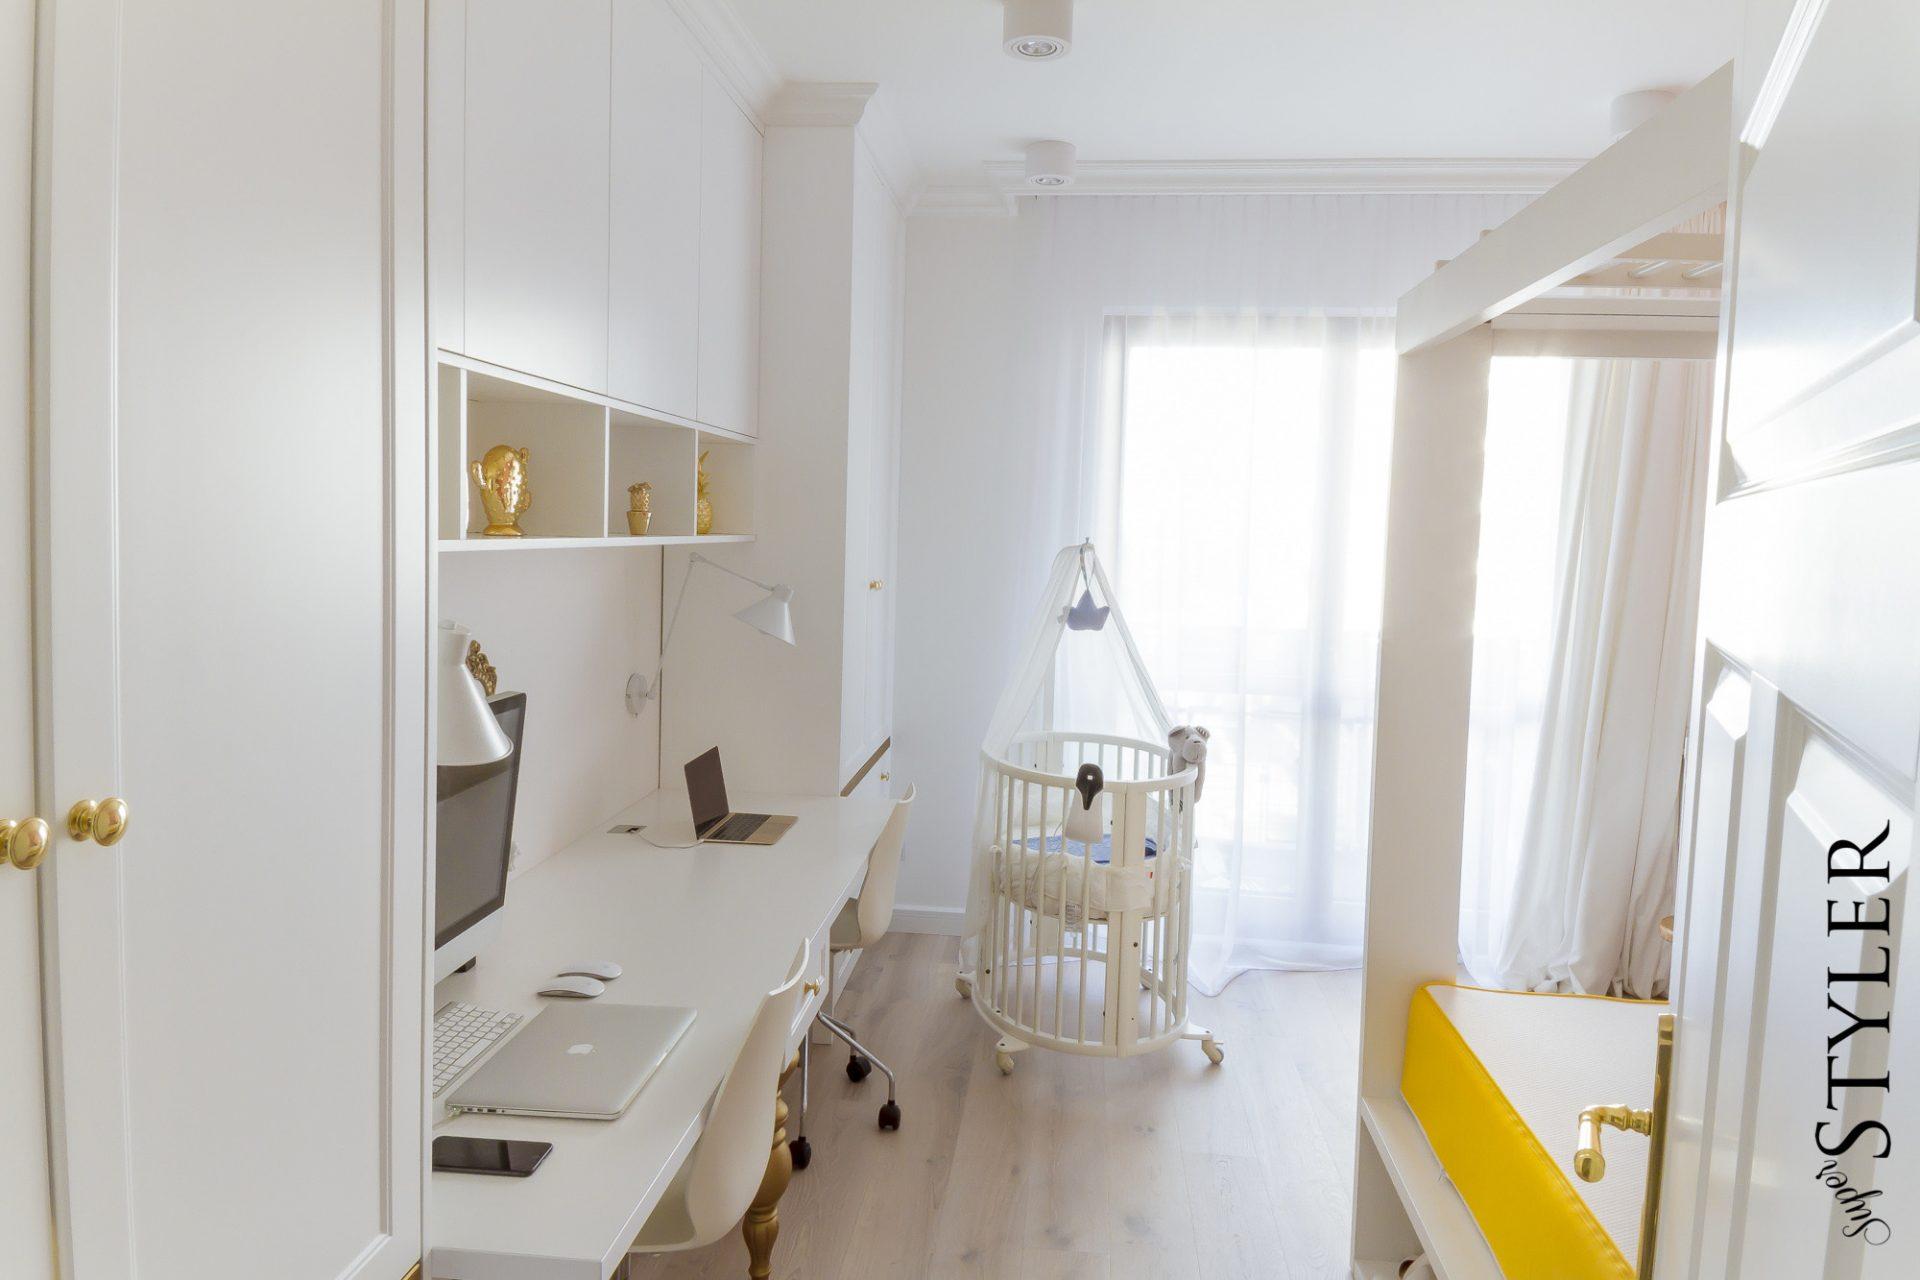 Jak Urządzić Sypialnię Aby Była Stylowa I Relaksująca